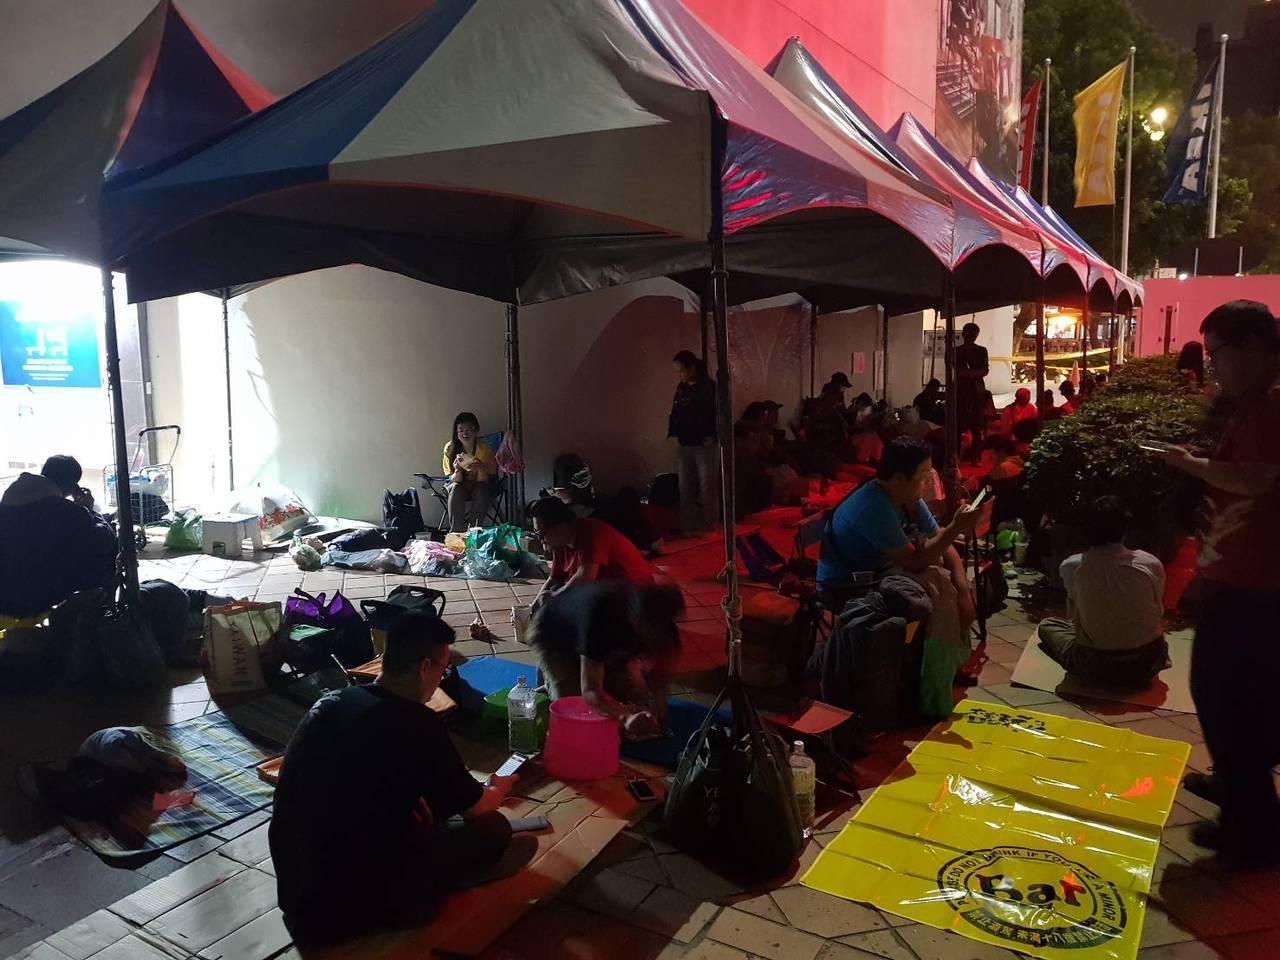 民眾準備小折椅、野餐墊、行動電源等必需品,準備長期排隊抗戰。記者陳睿中/攝影